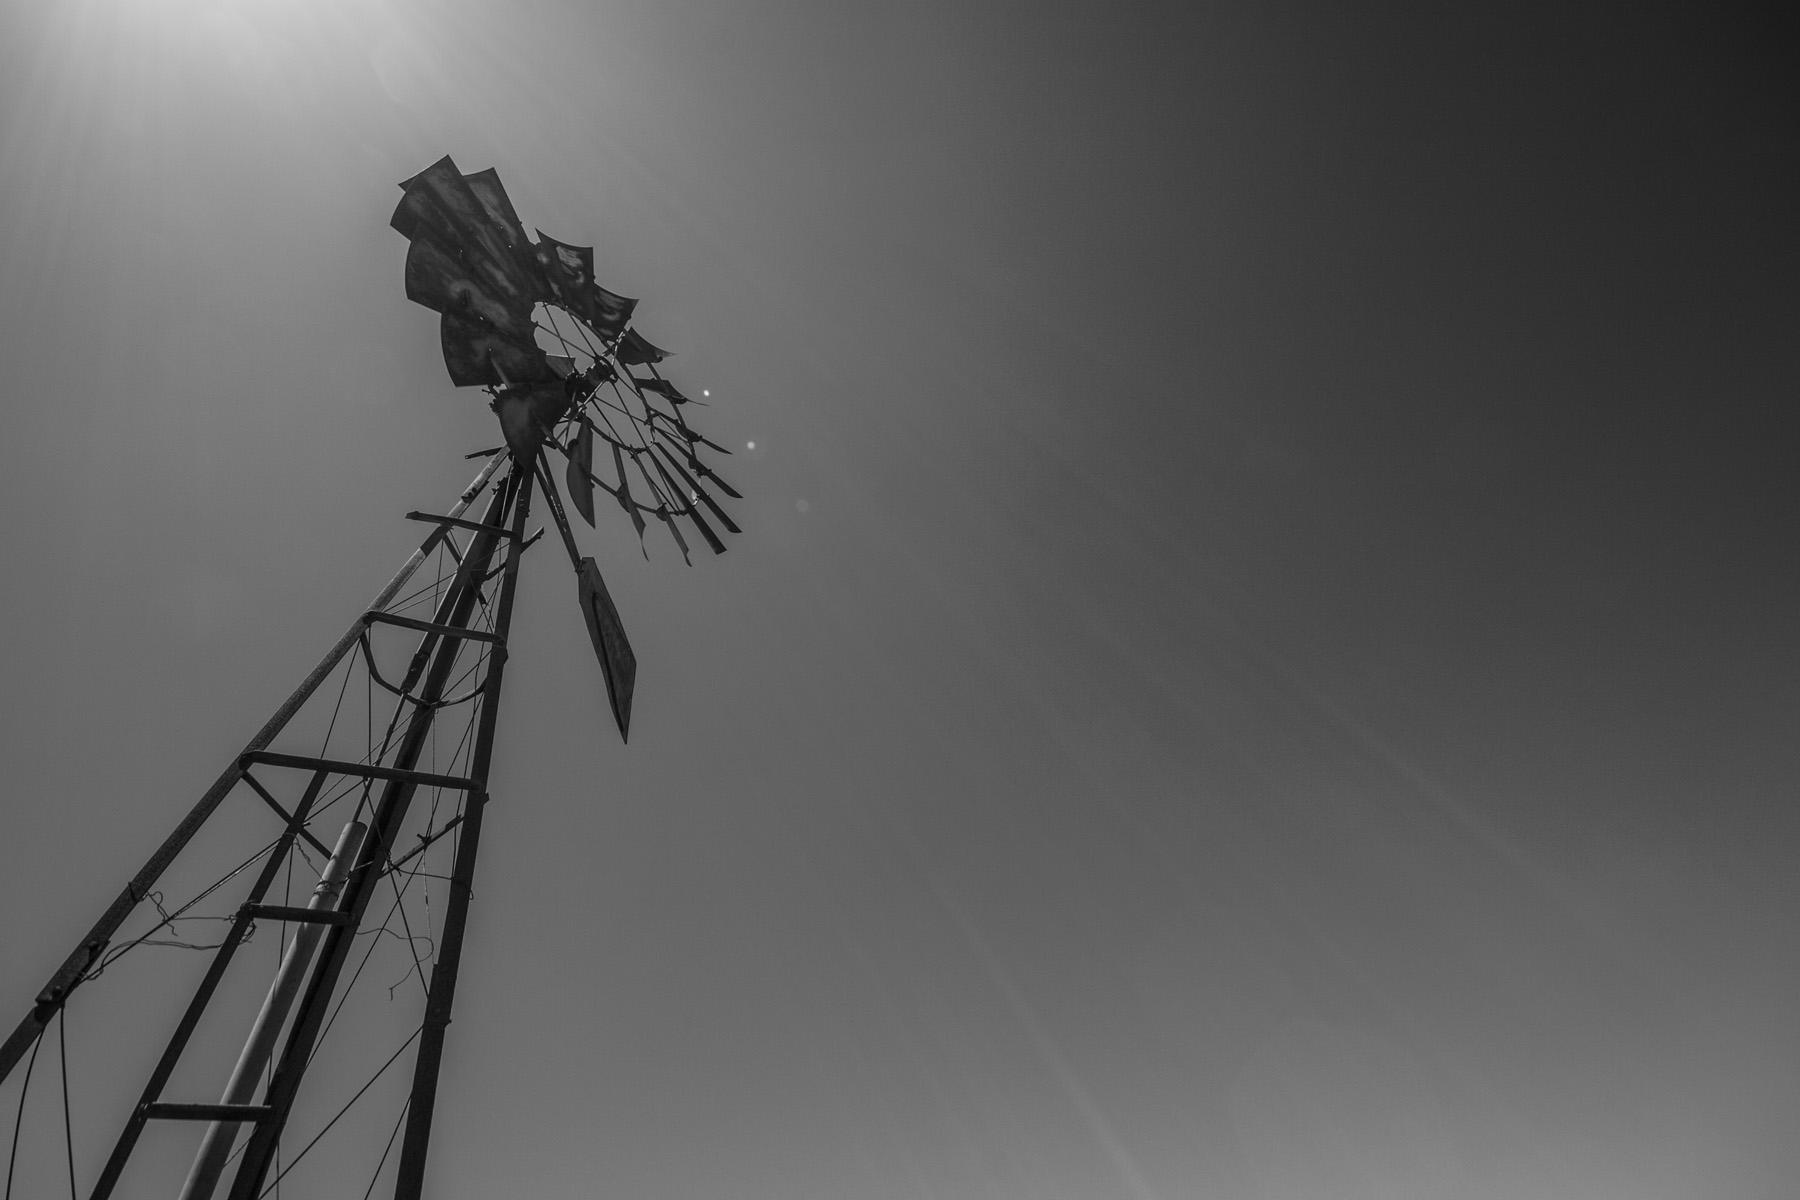 windmill-bw